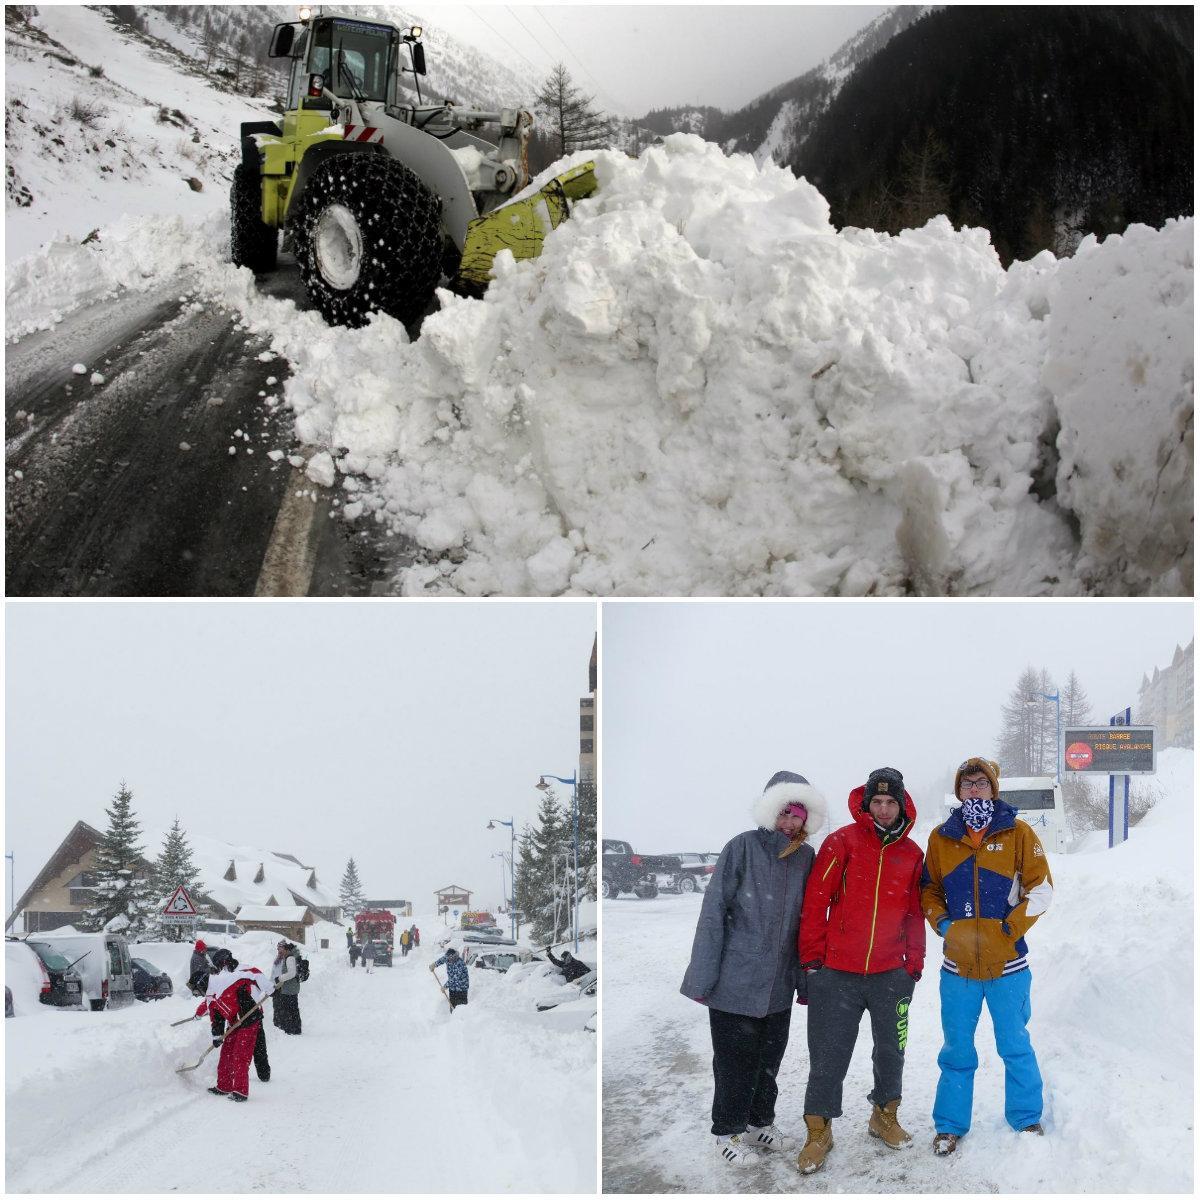 Les opérations de déblaiement et sécurisation de la RM97 ont duré une grande partie de la journée.On s'est également activé dans la station pour libérer la route.Anthony, Alexis et Laurine, pris de court par ce blocus inopiné, en ont été quitte pour un jour de ski supplémentaire.